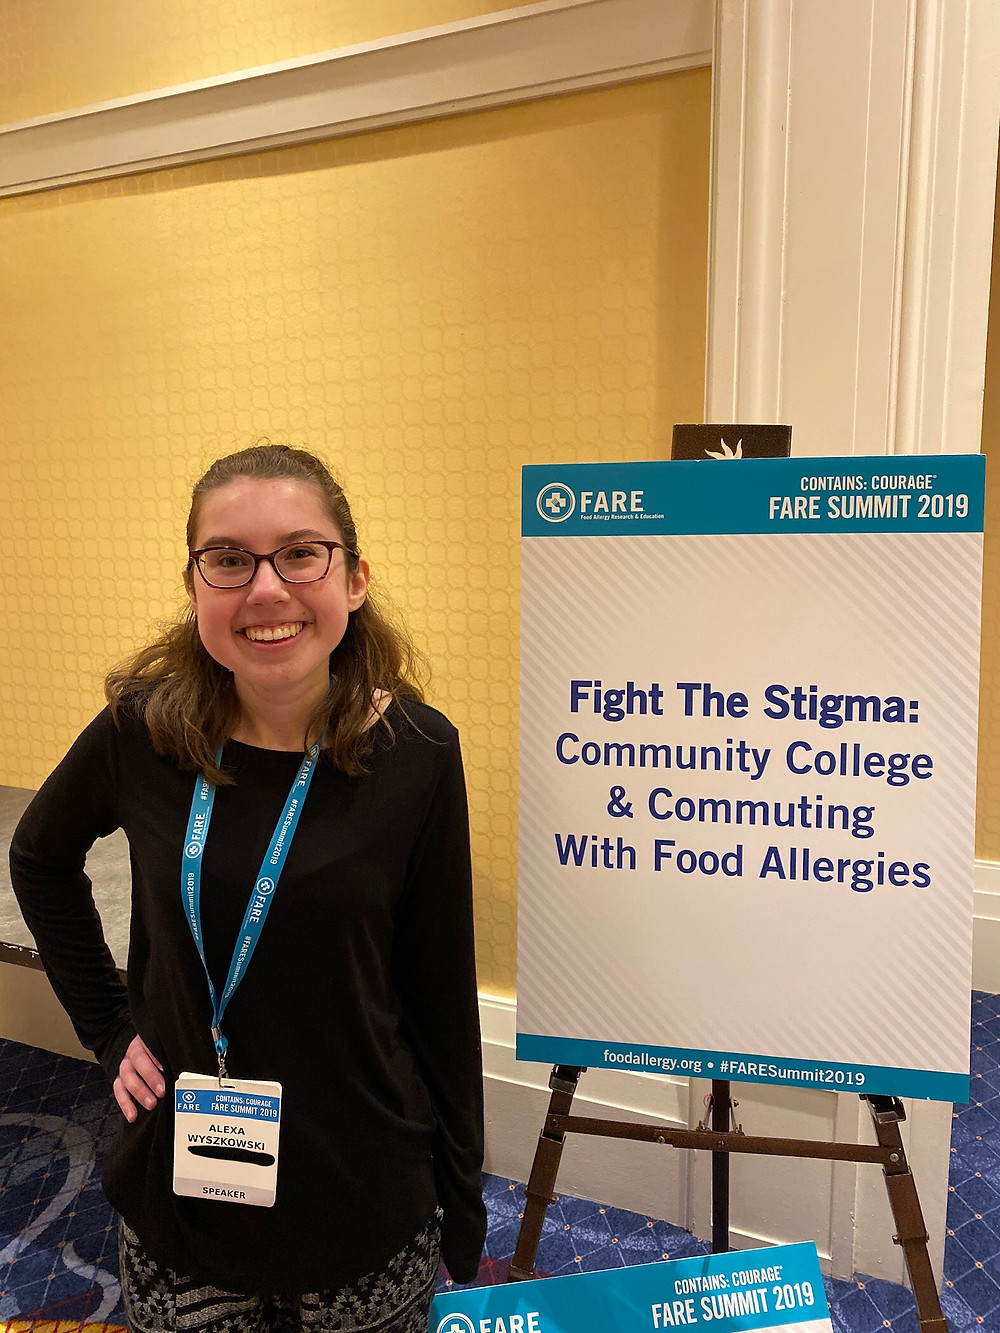 Fight the Stigma